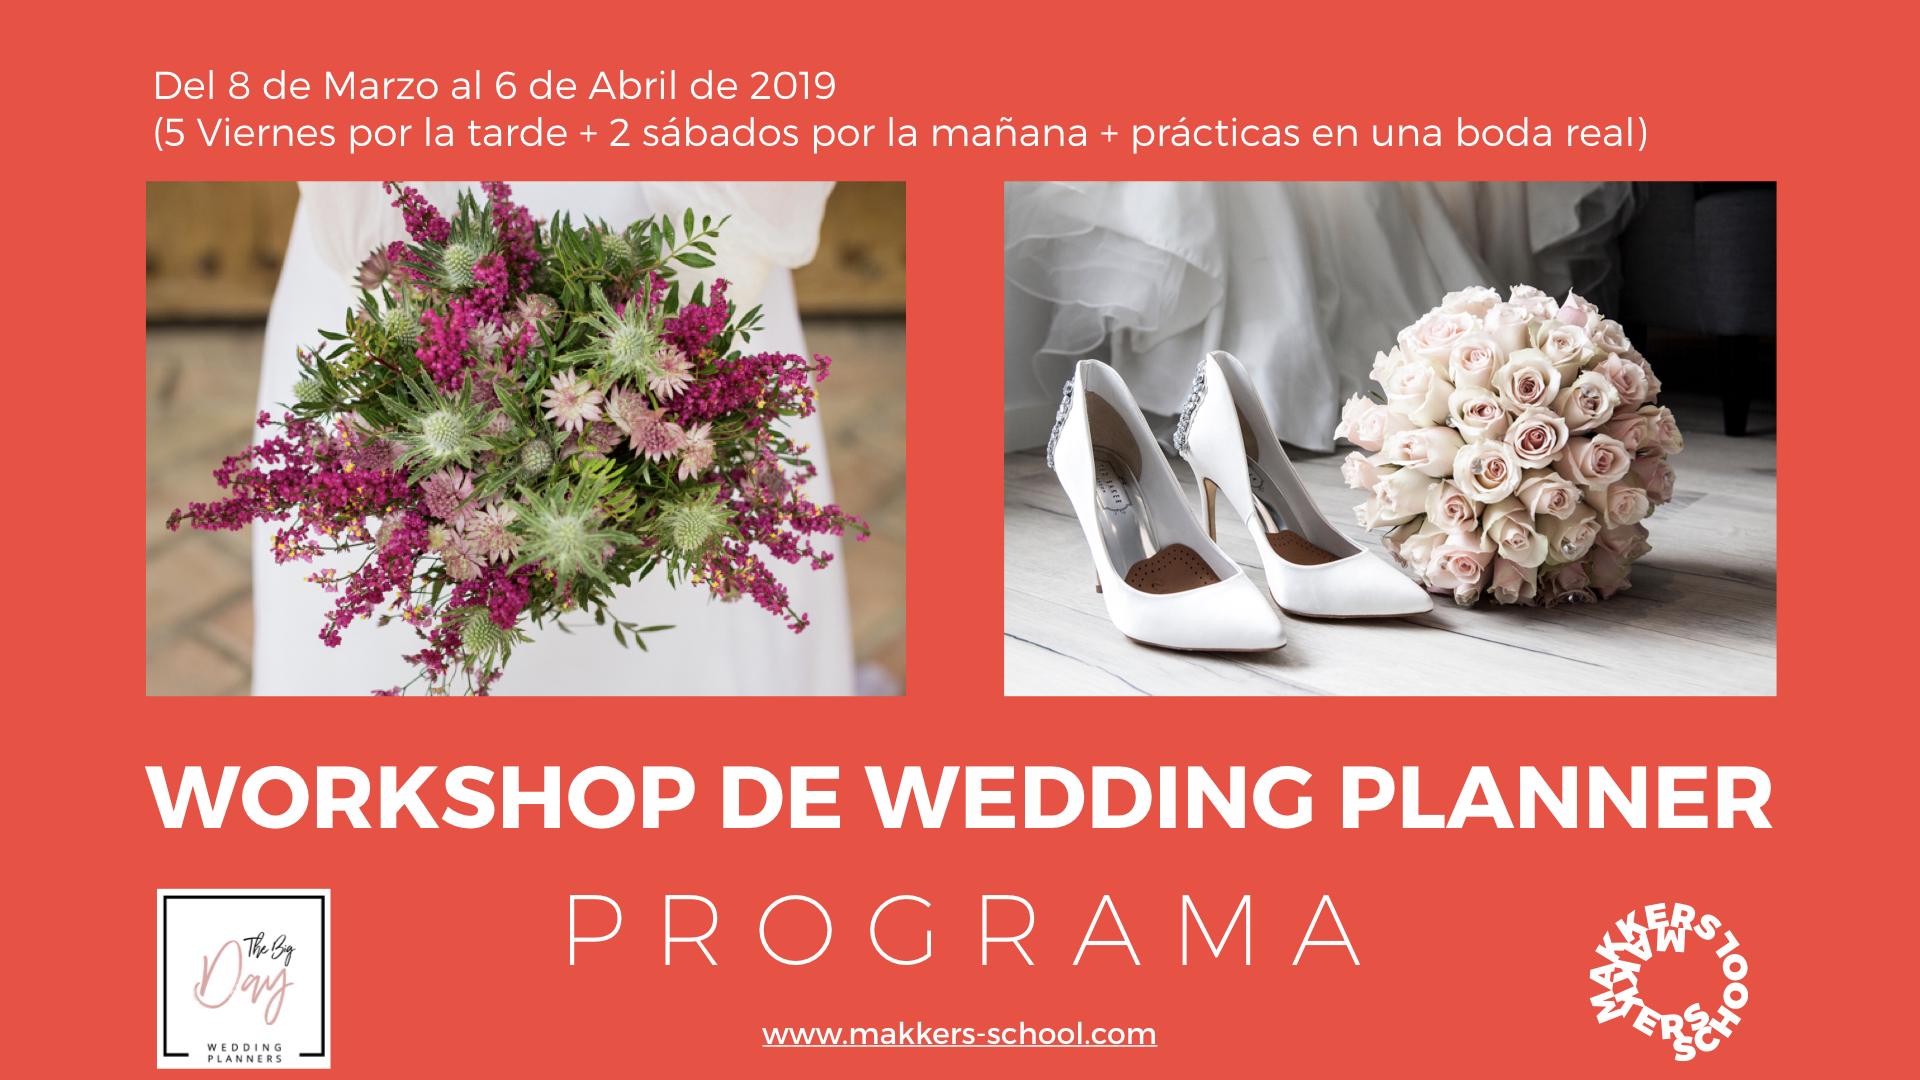 Workshop de Wedding Planner-Programa v2.001.jpeg